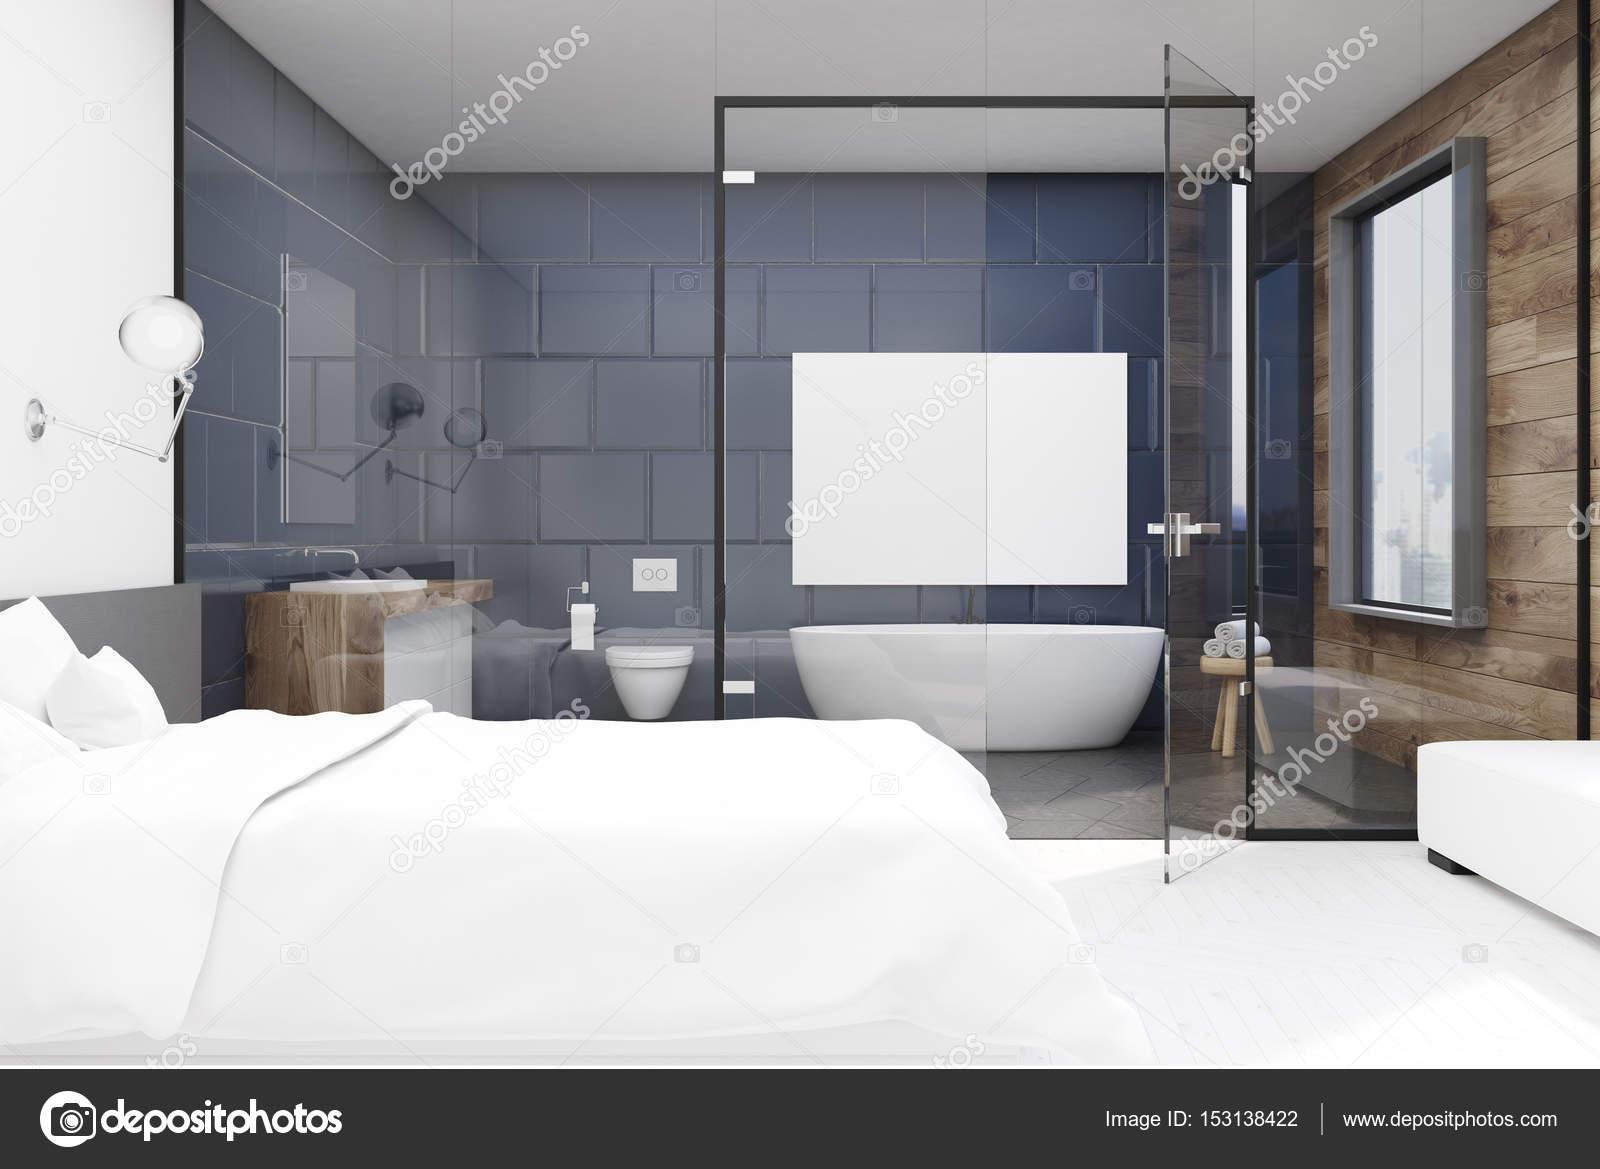 Camera da letto con bagno grigio anteriore foto stock for 3 piani casa casa camera da letto